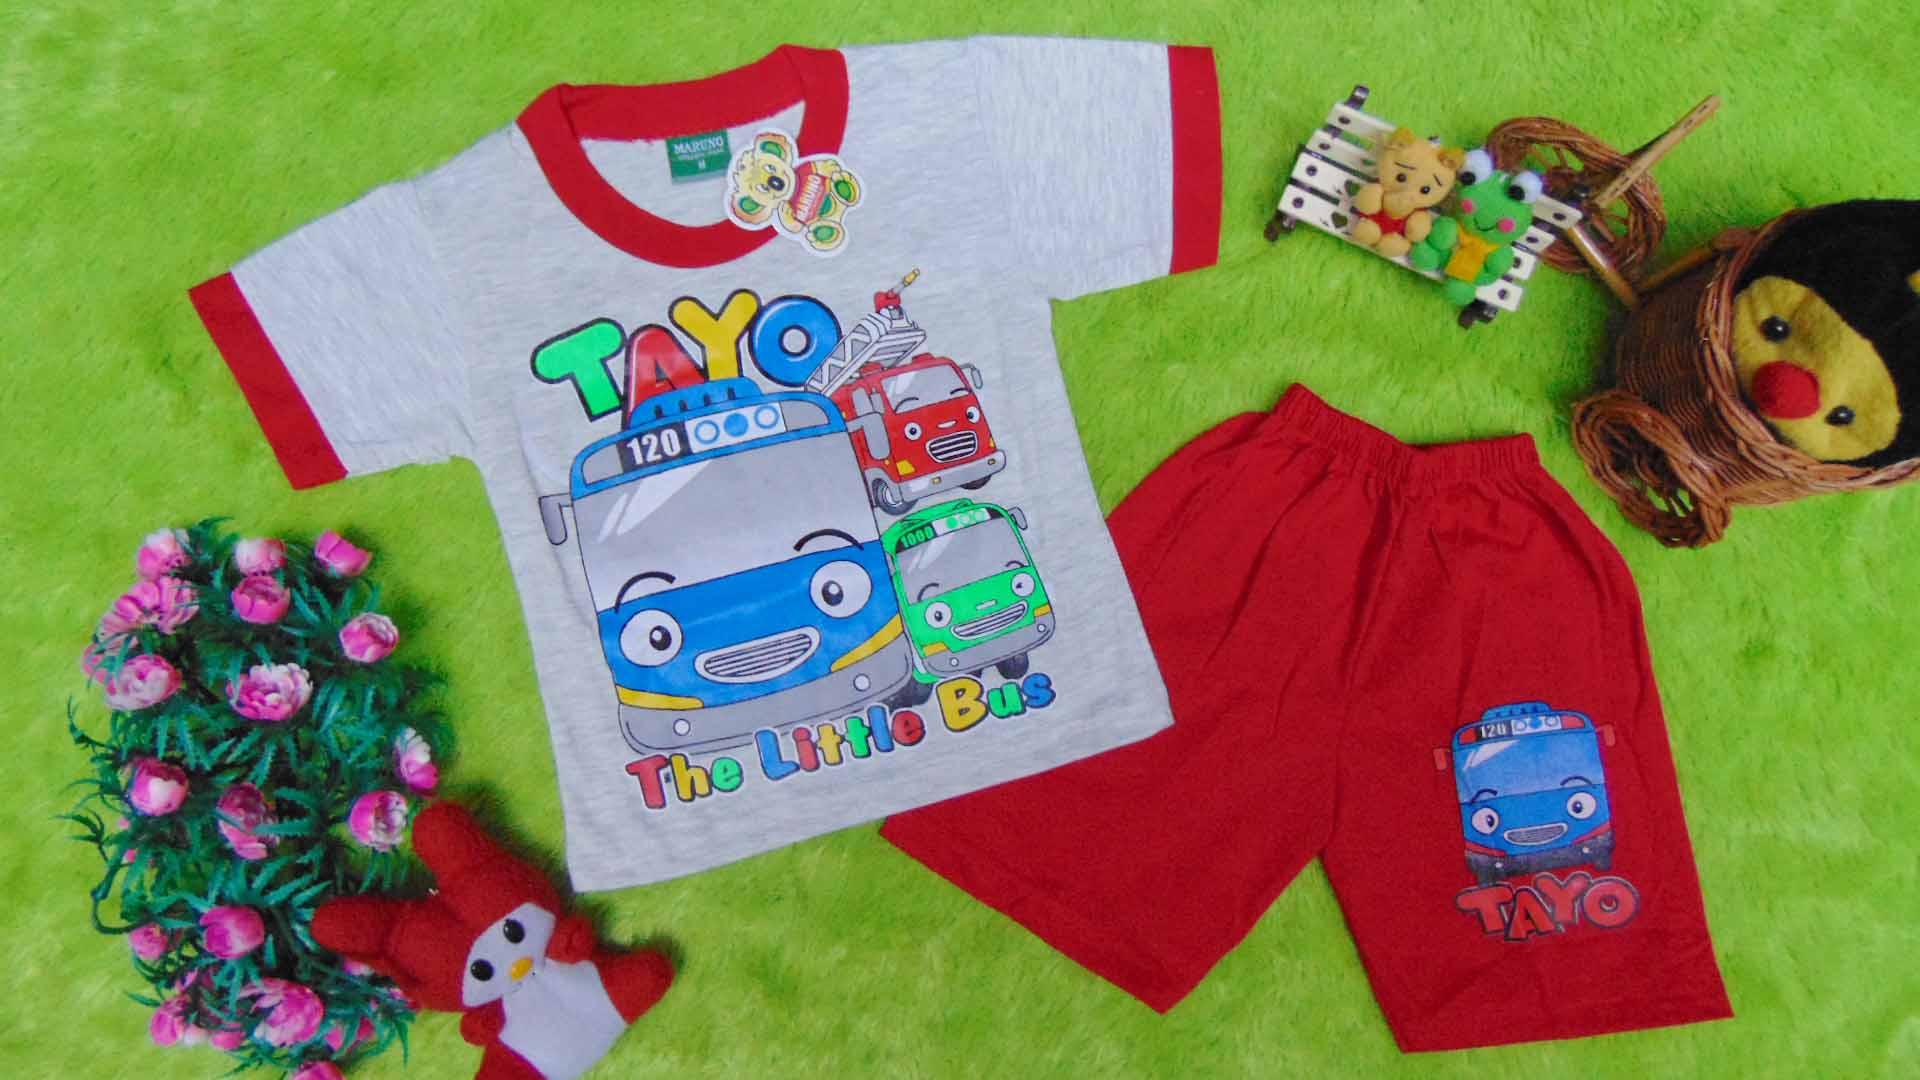 Setelan Baju Kaos Karakter Little Bus Tayo Bis Kecil Anak Bayi M 0 12bulan Merah